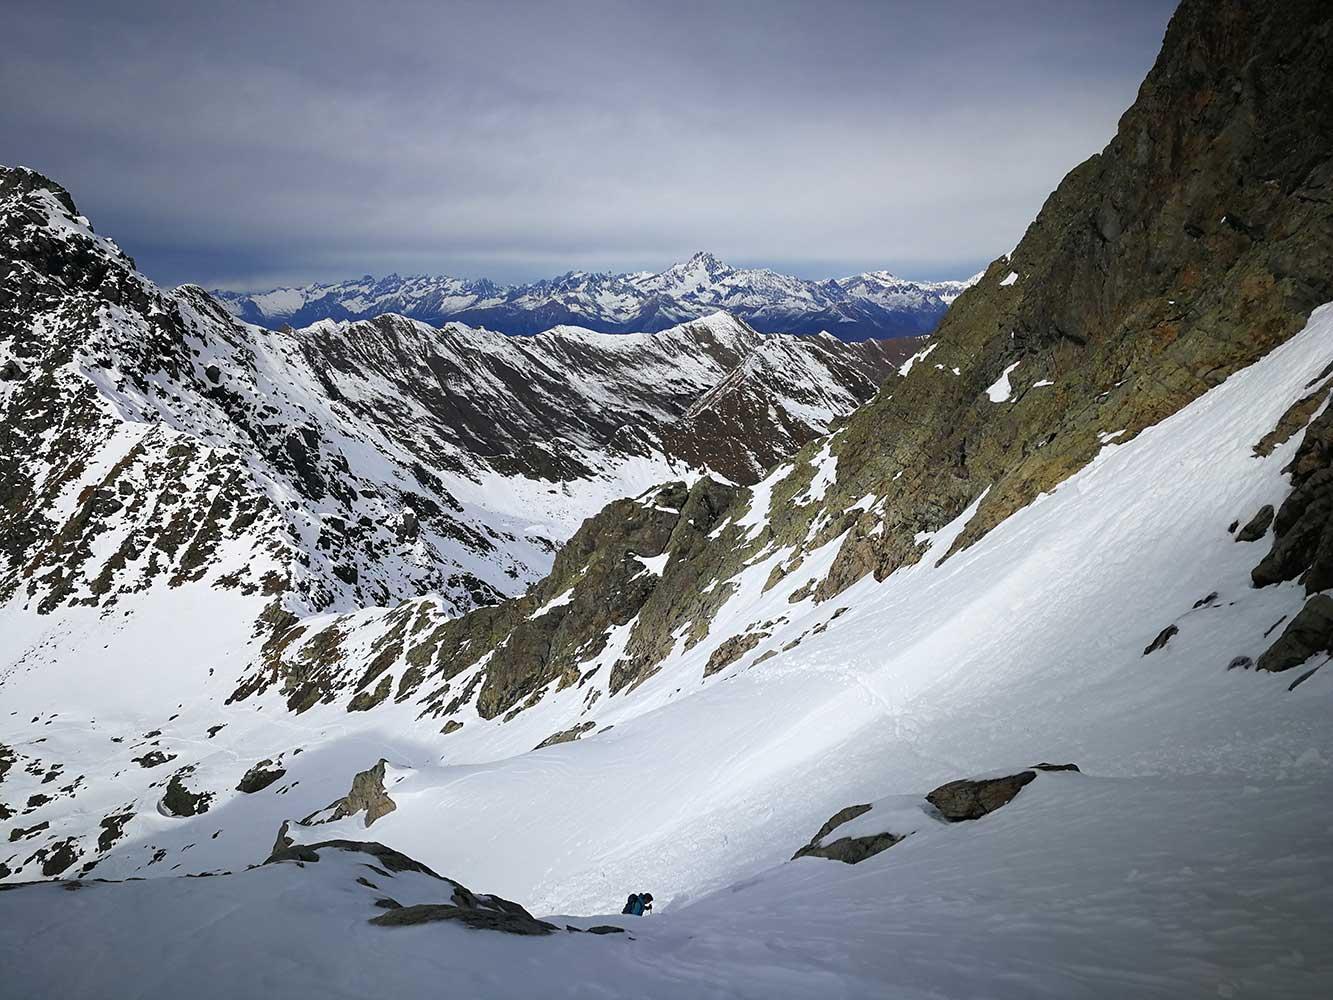 salita al monte aga invernale